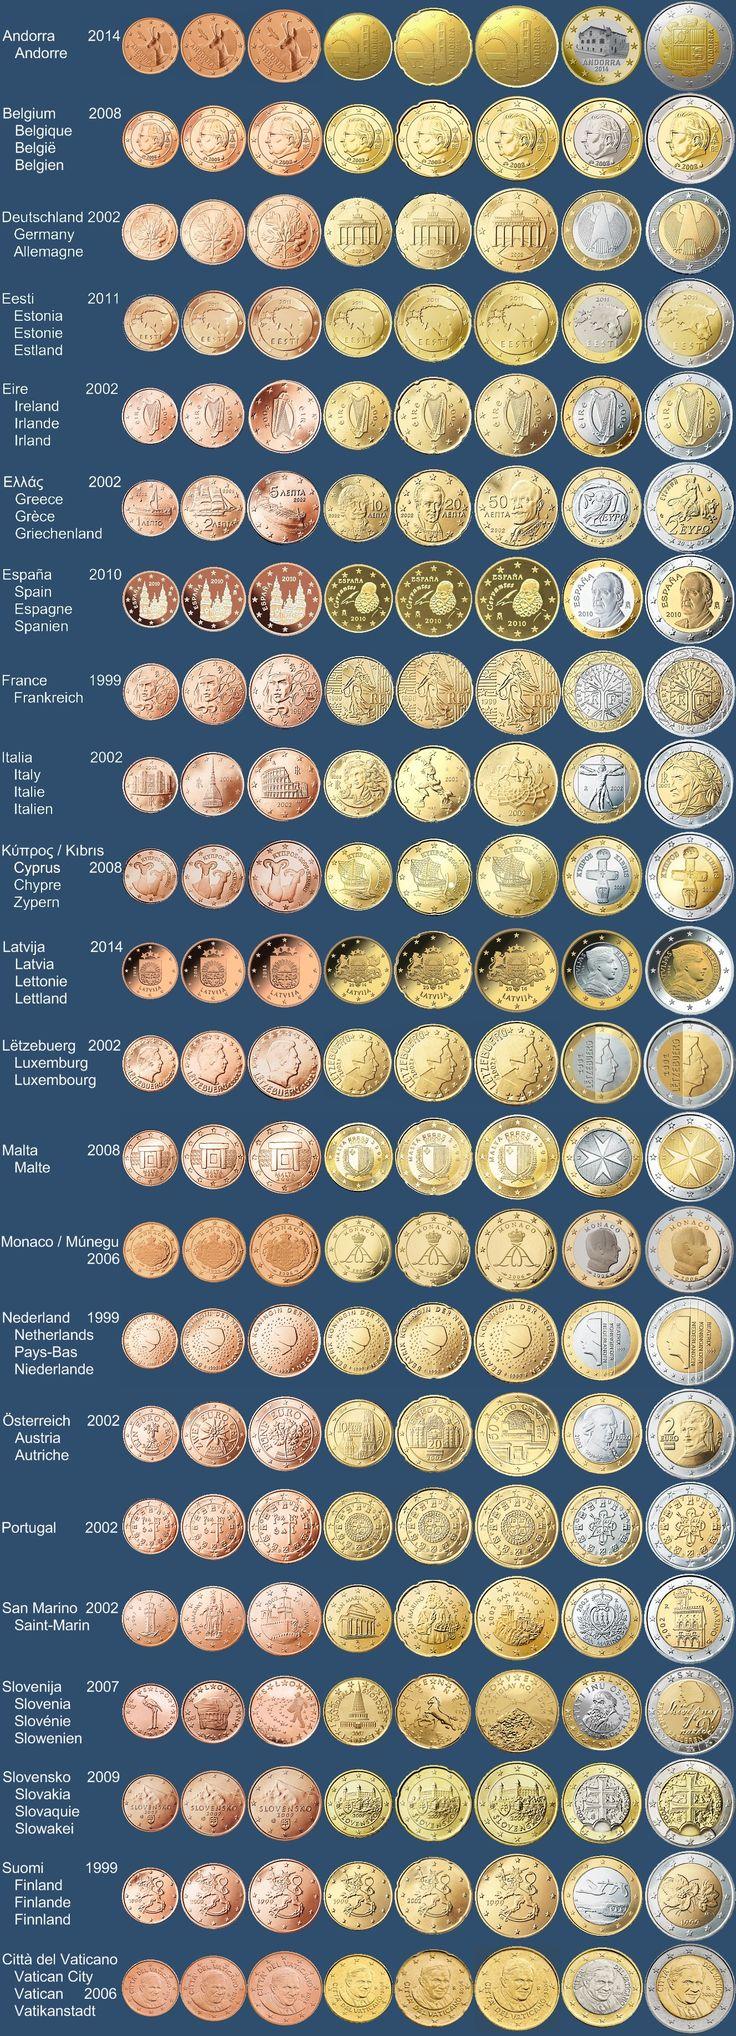 Eurocoins